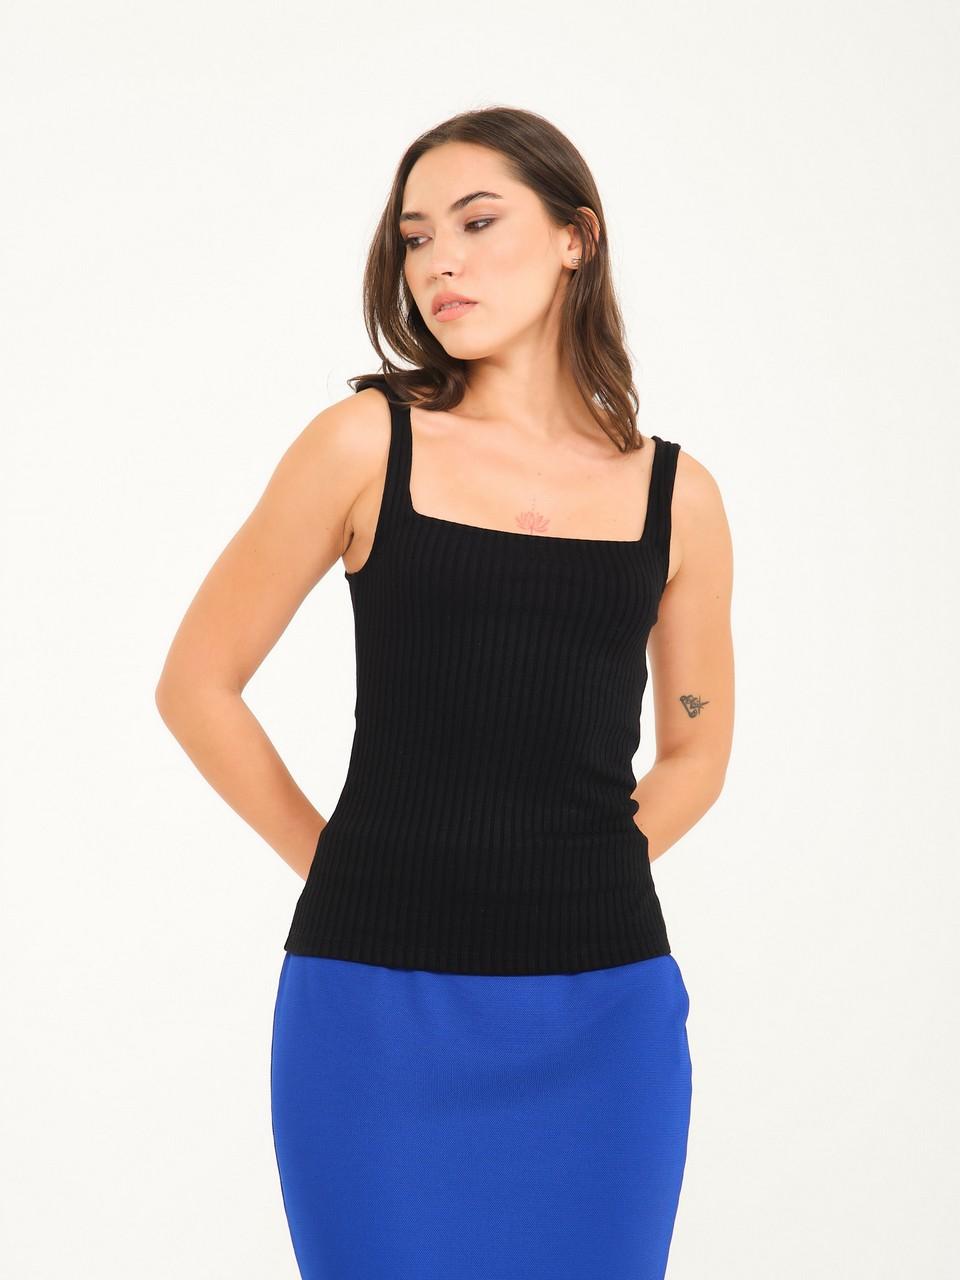 Square Neck Basic Undershirt